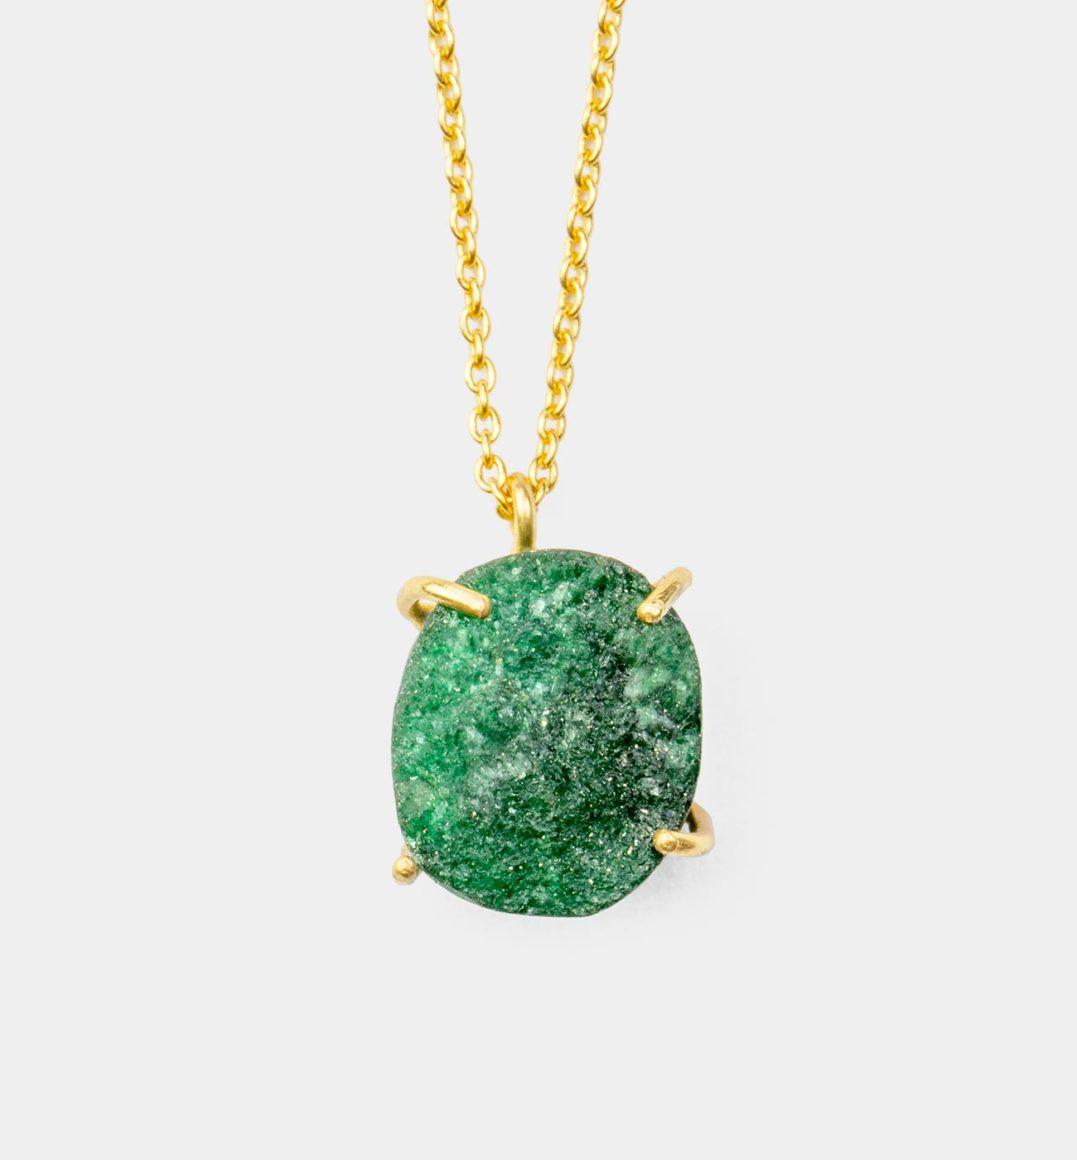 Geburtsstein Kette des Sternzeichen Waage mit Grüner Jade